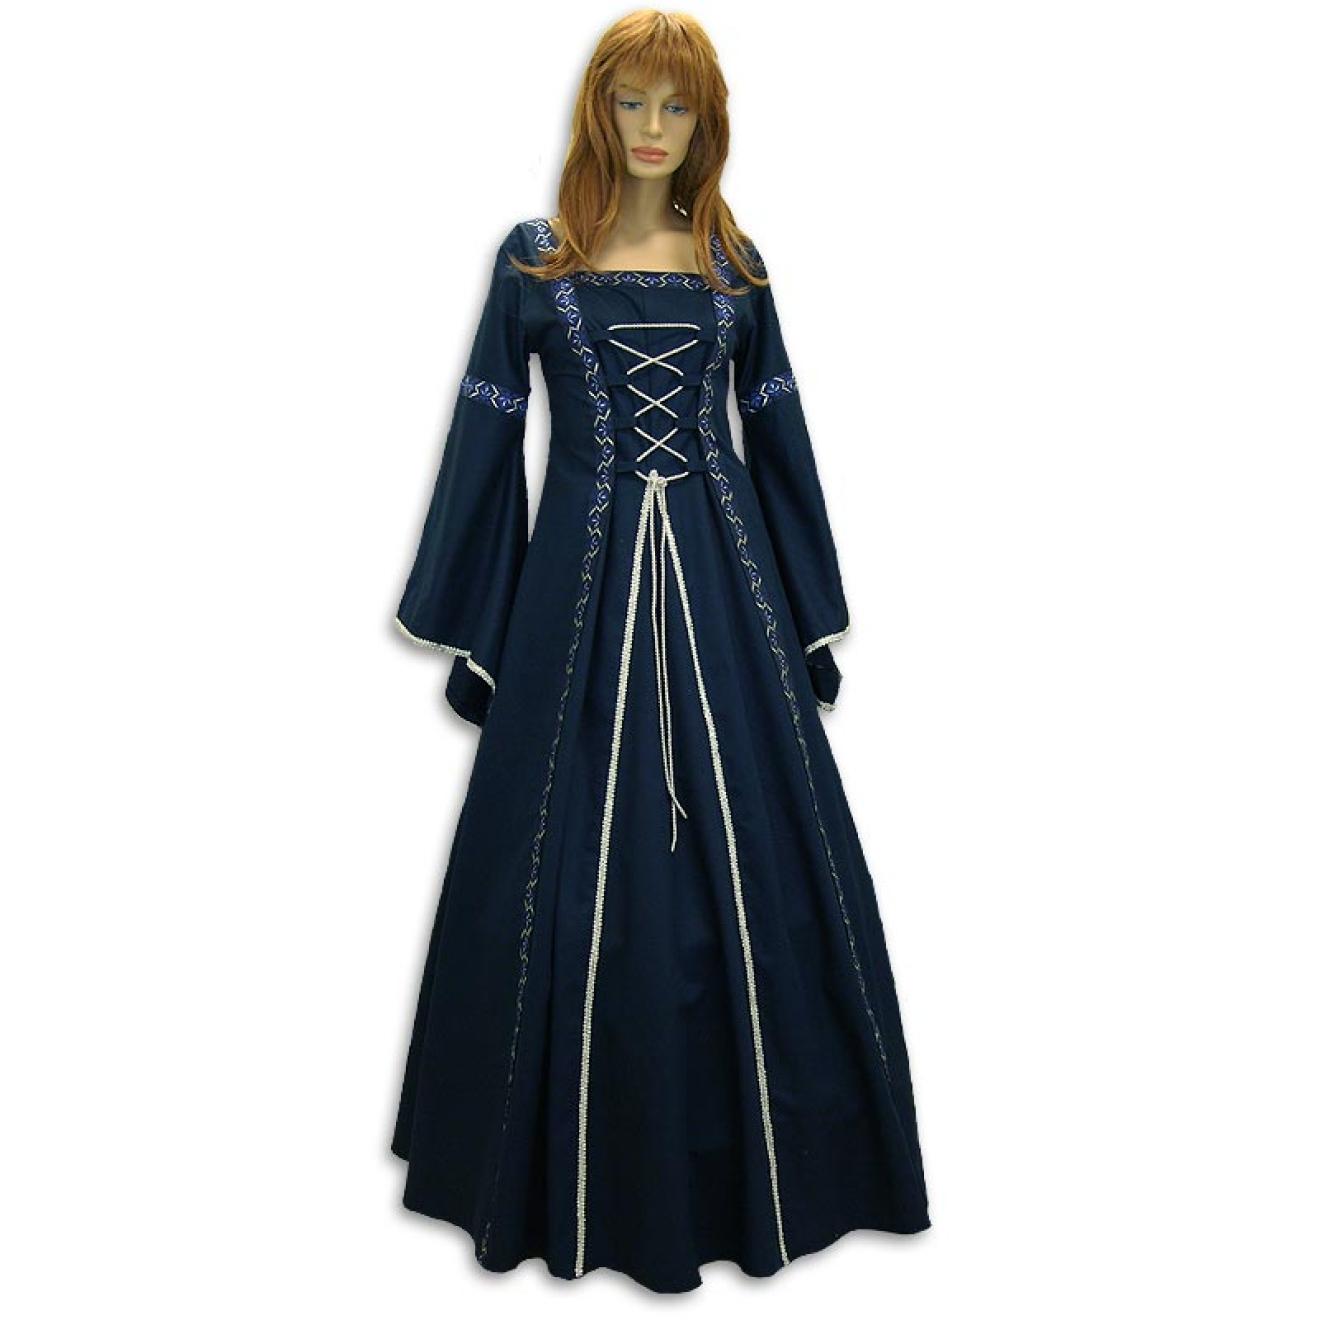 Mittelalter Hochzeitskleid Blau